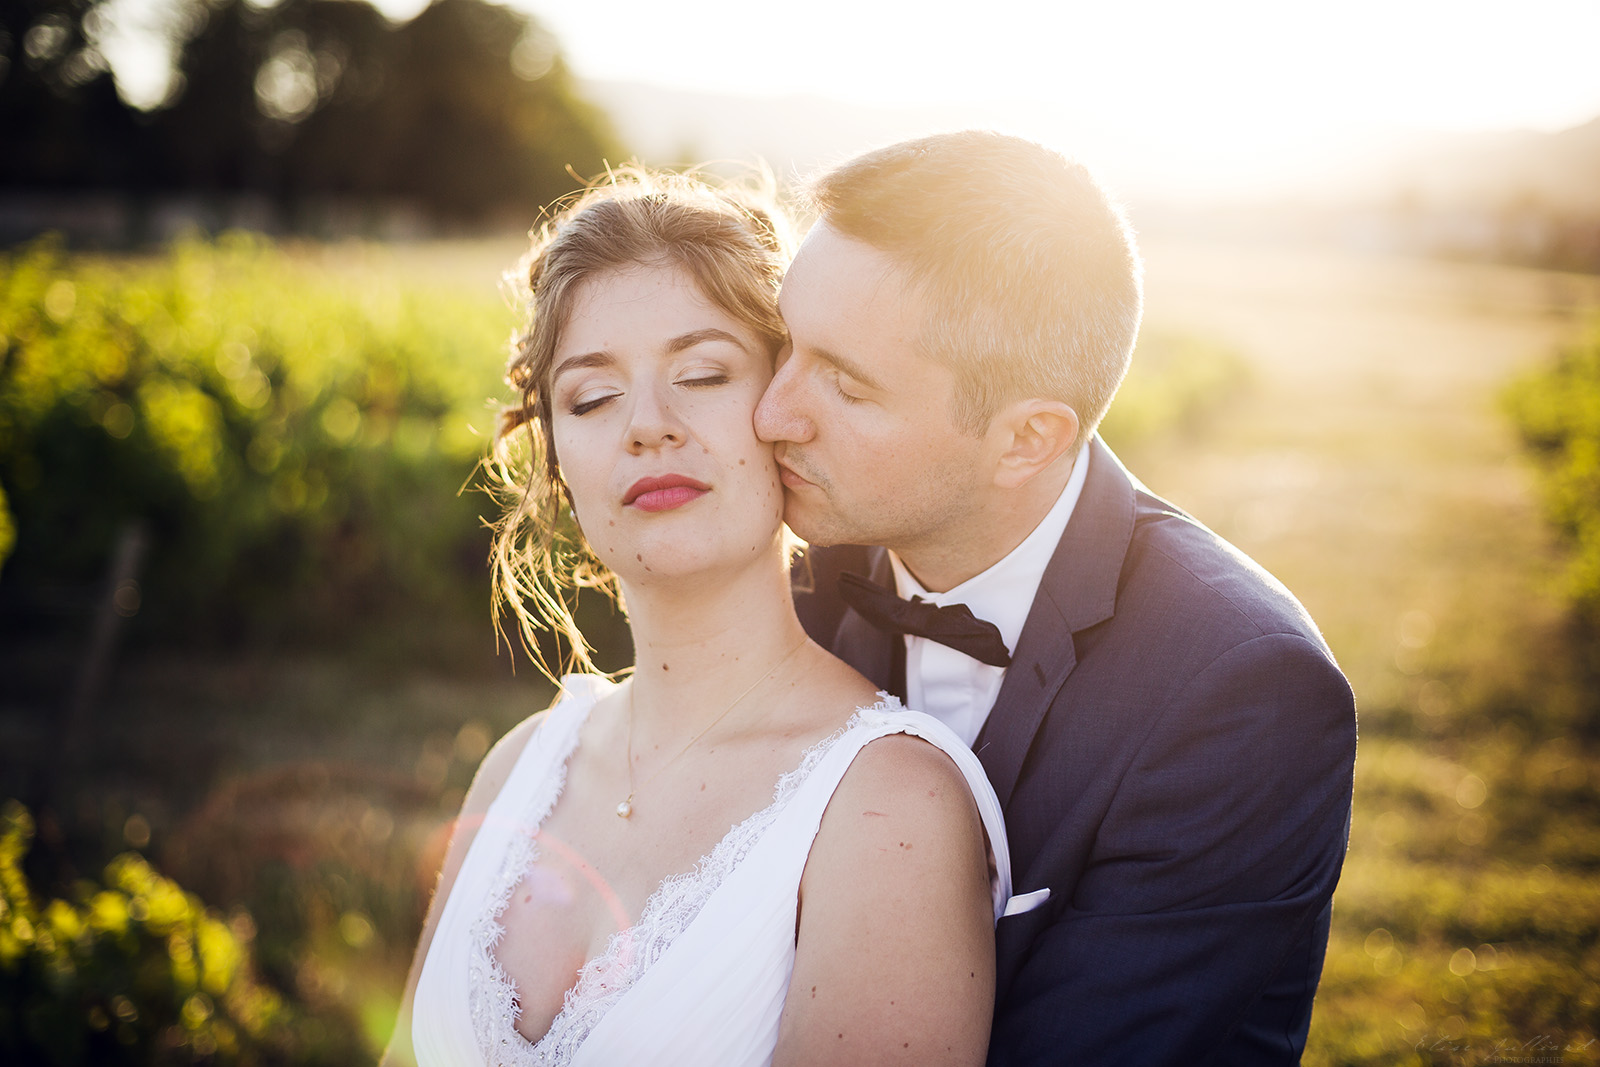 photographe-mariage-wedding-photographer-lyon-auvergne-rhone-alpes-domaine-de-benevant-benice-couple-portrait-beaujolais-12